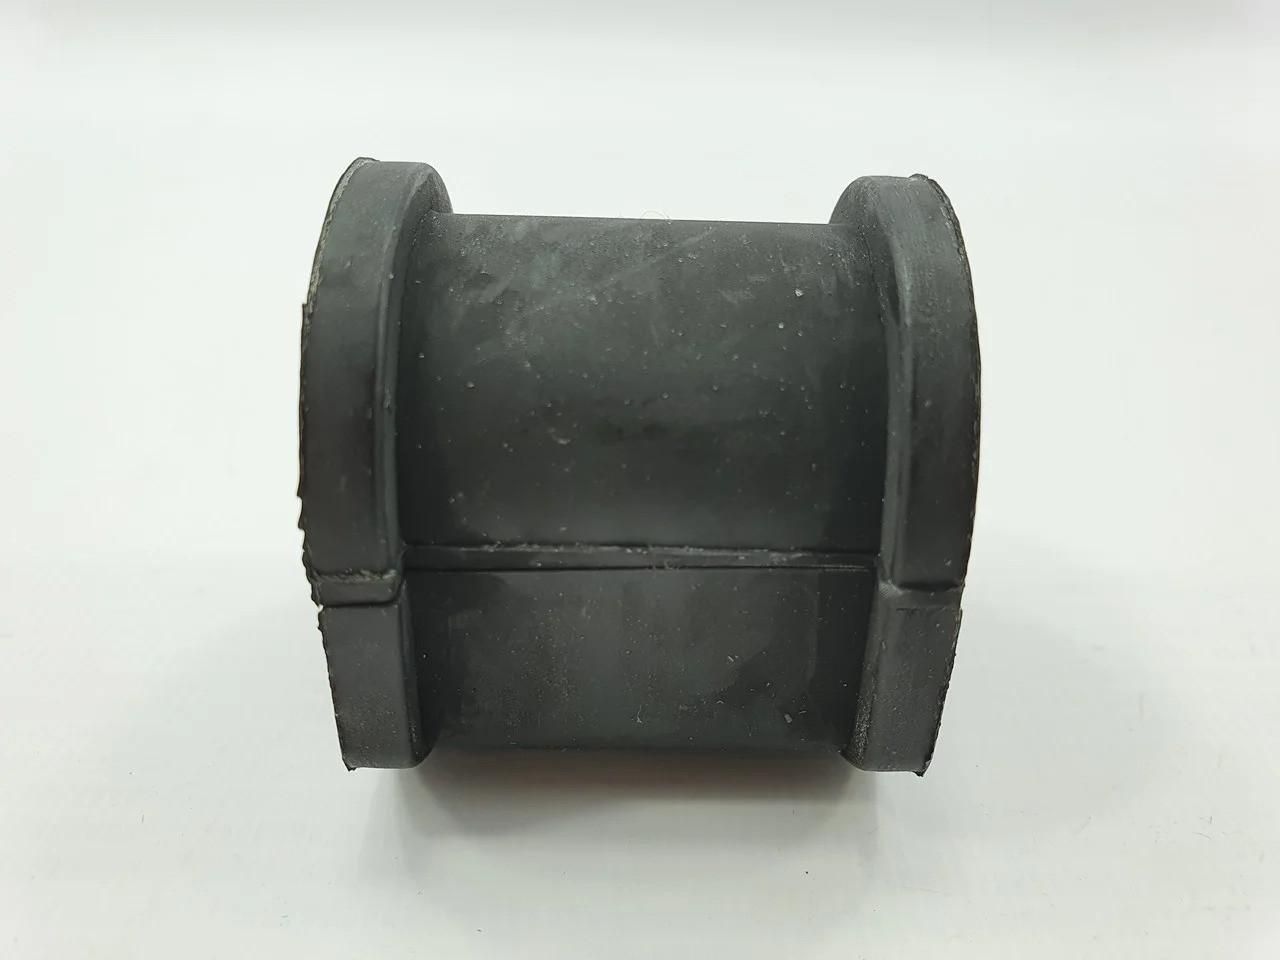 Втулка стабілізатора переднього Hyundai Accent 00-06 KAP Корея